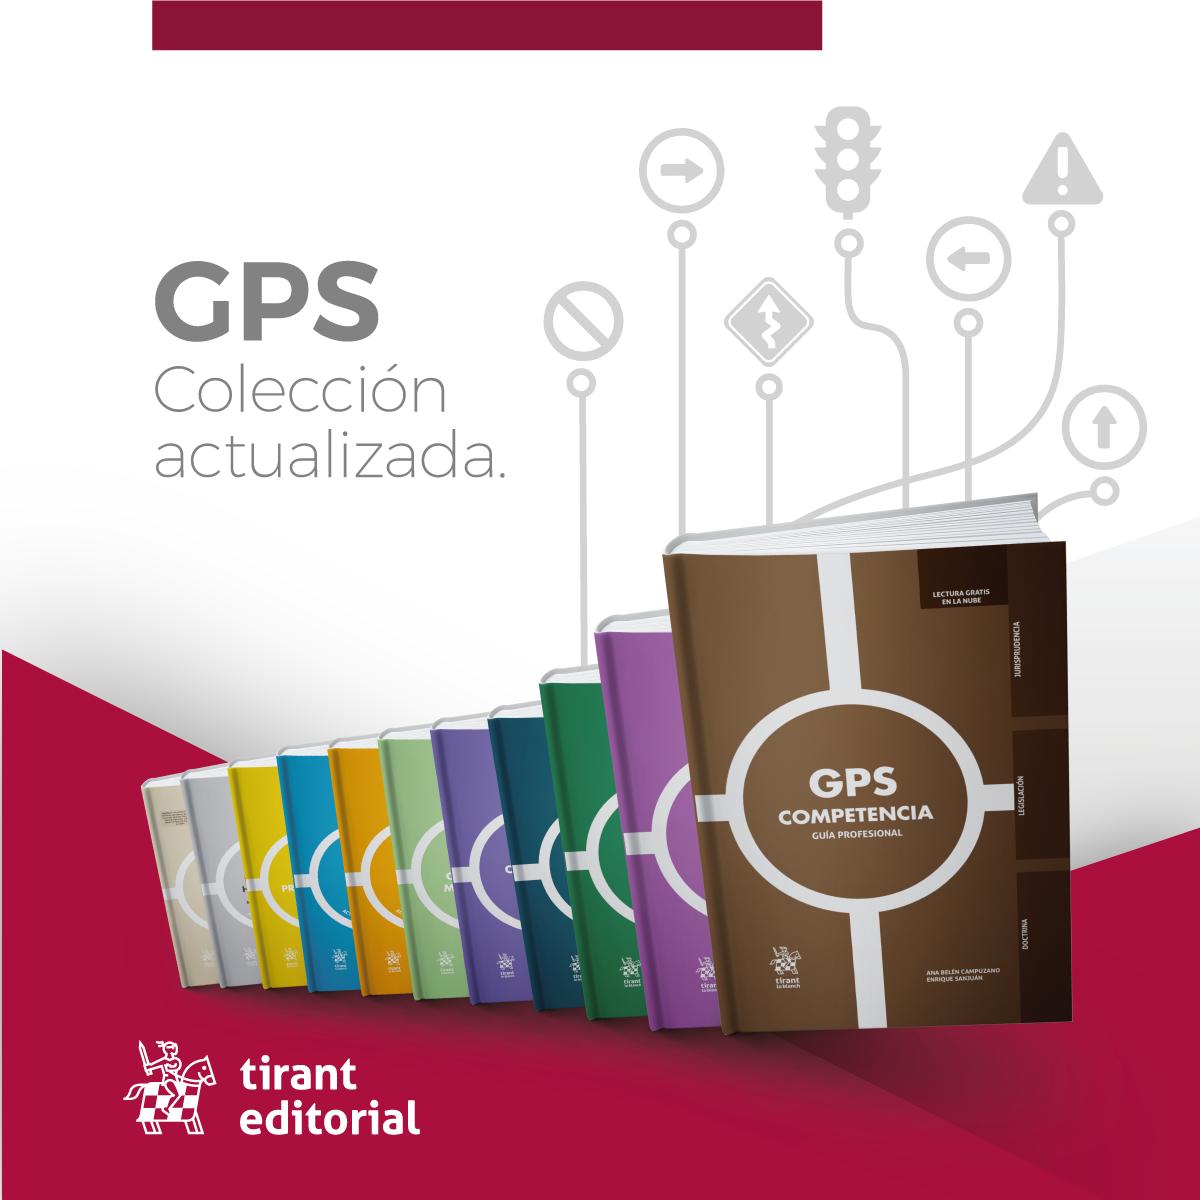 Coleccion GPS TIRANT